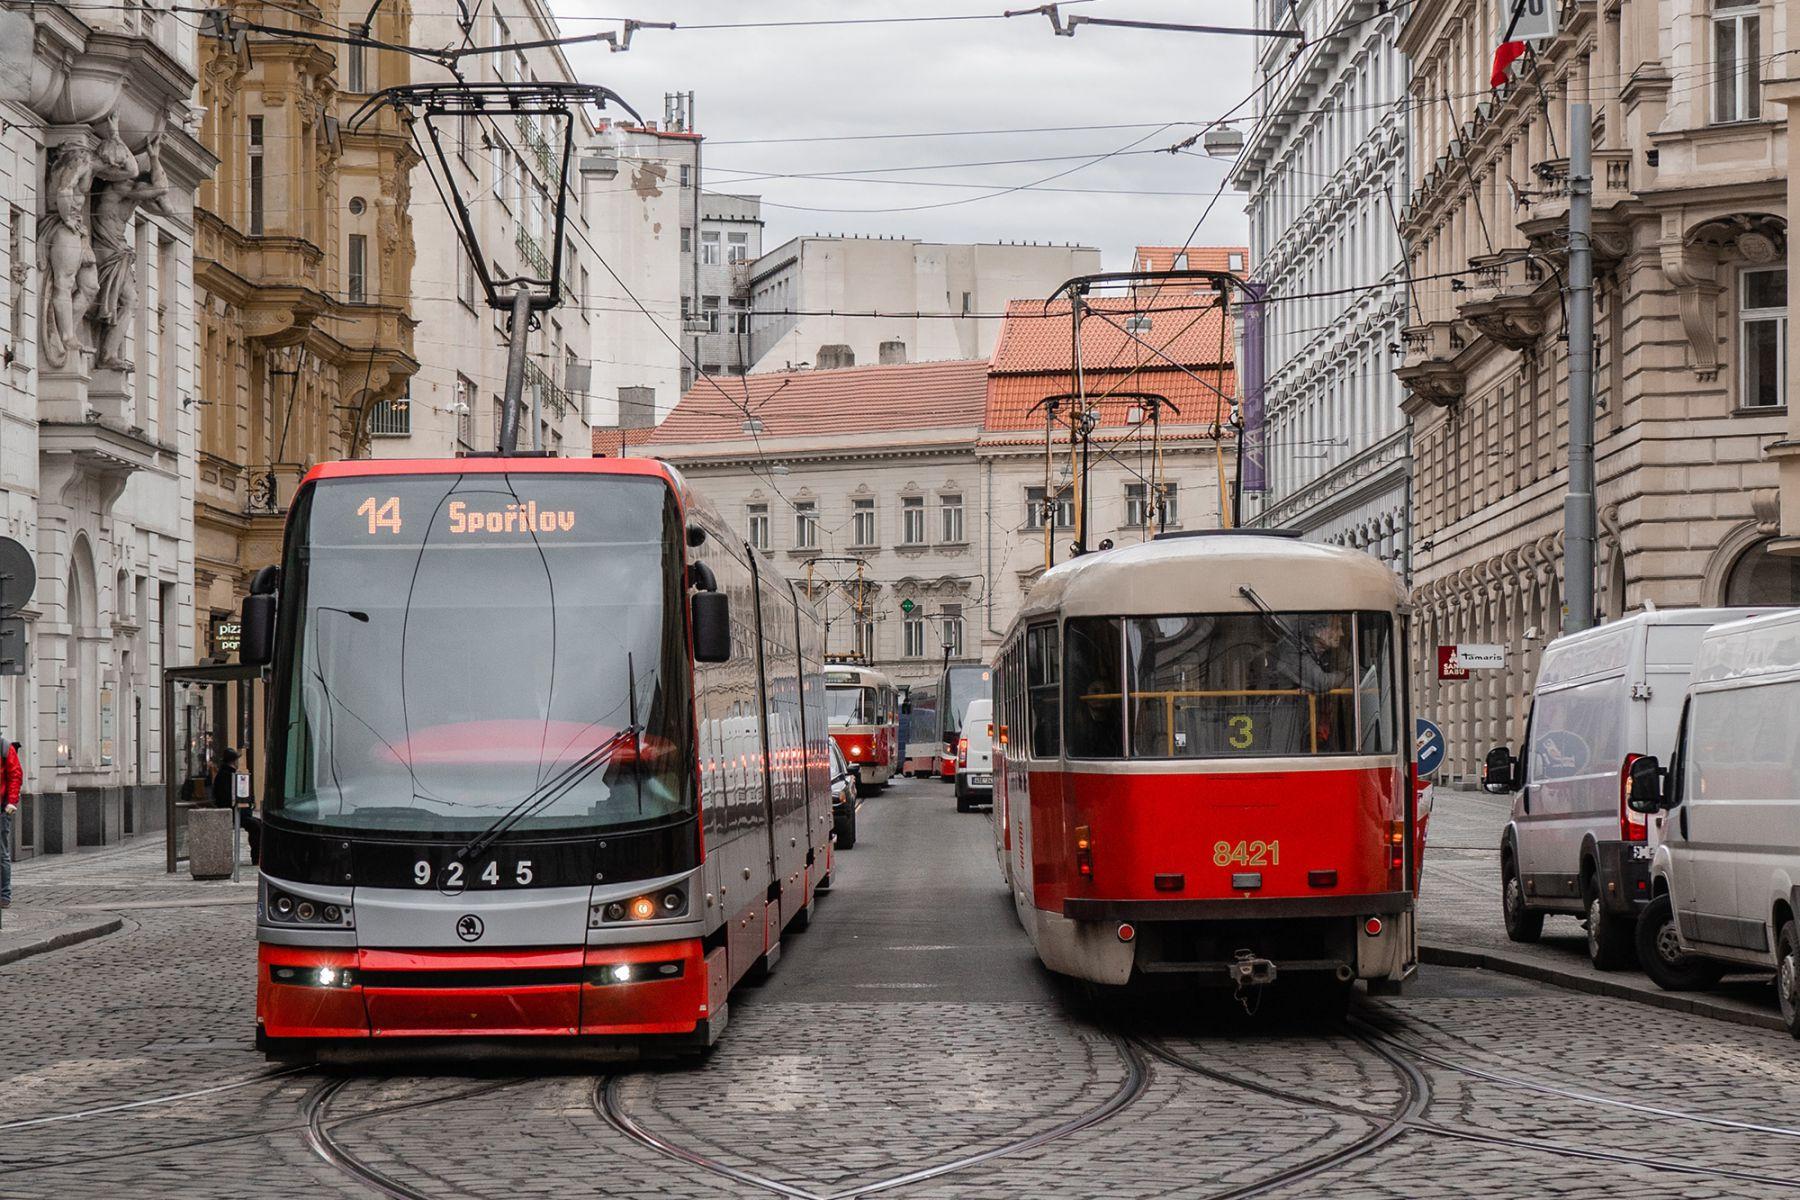 Een bus en tram in de oude straten van Praag | credit: Floris Andréa (Unsplash)